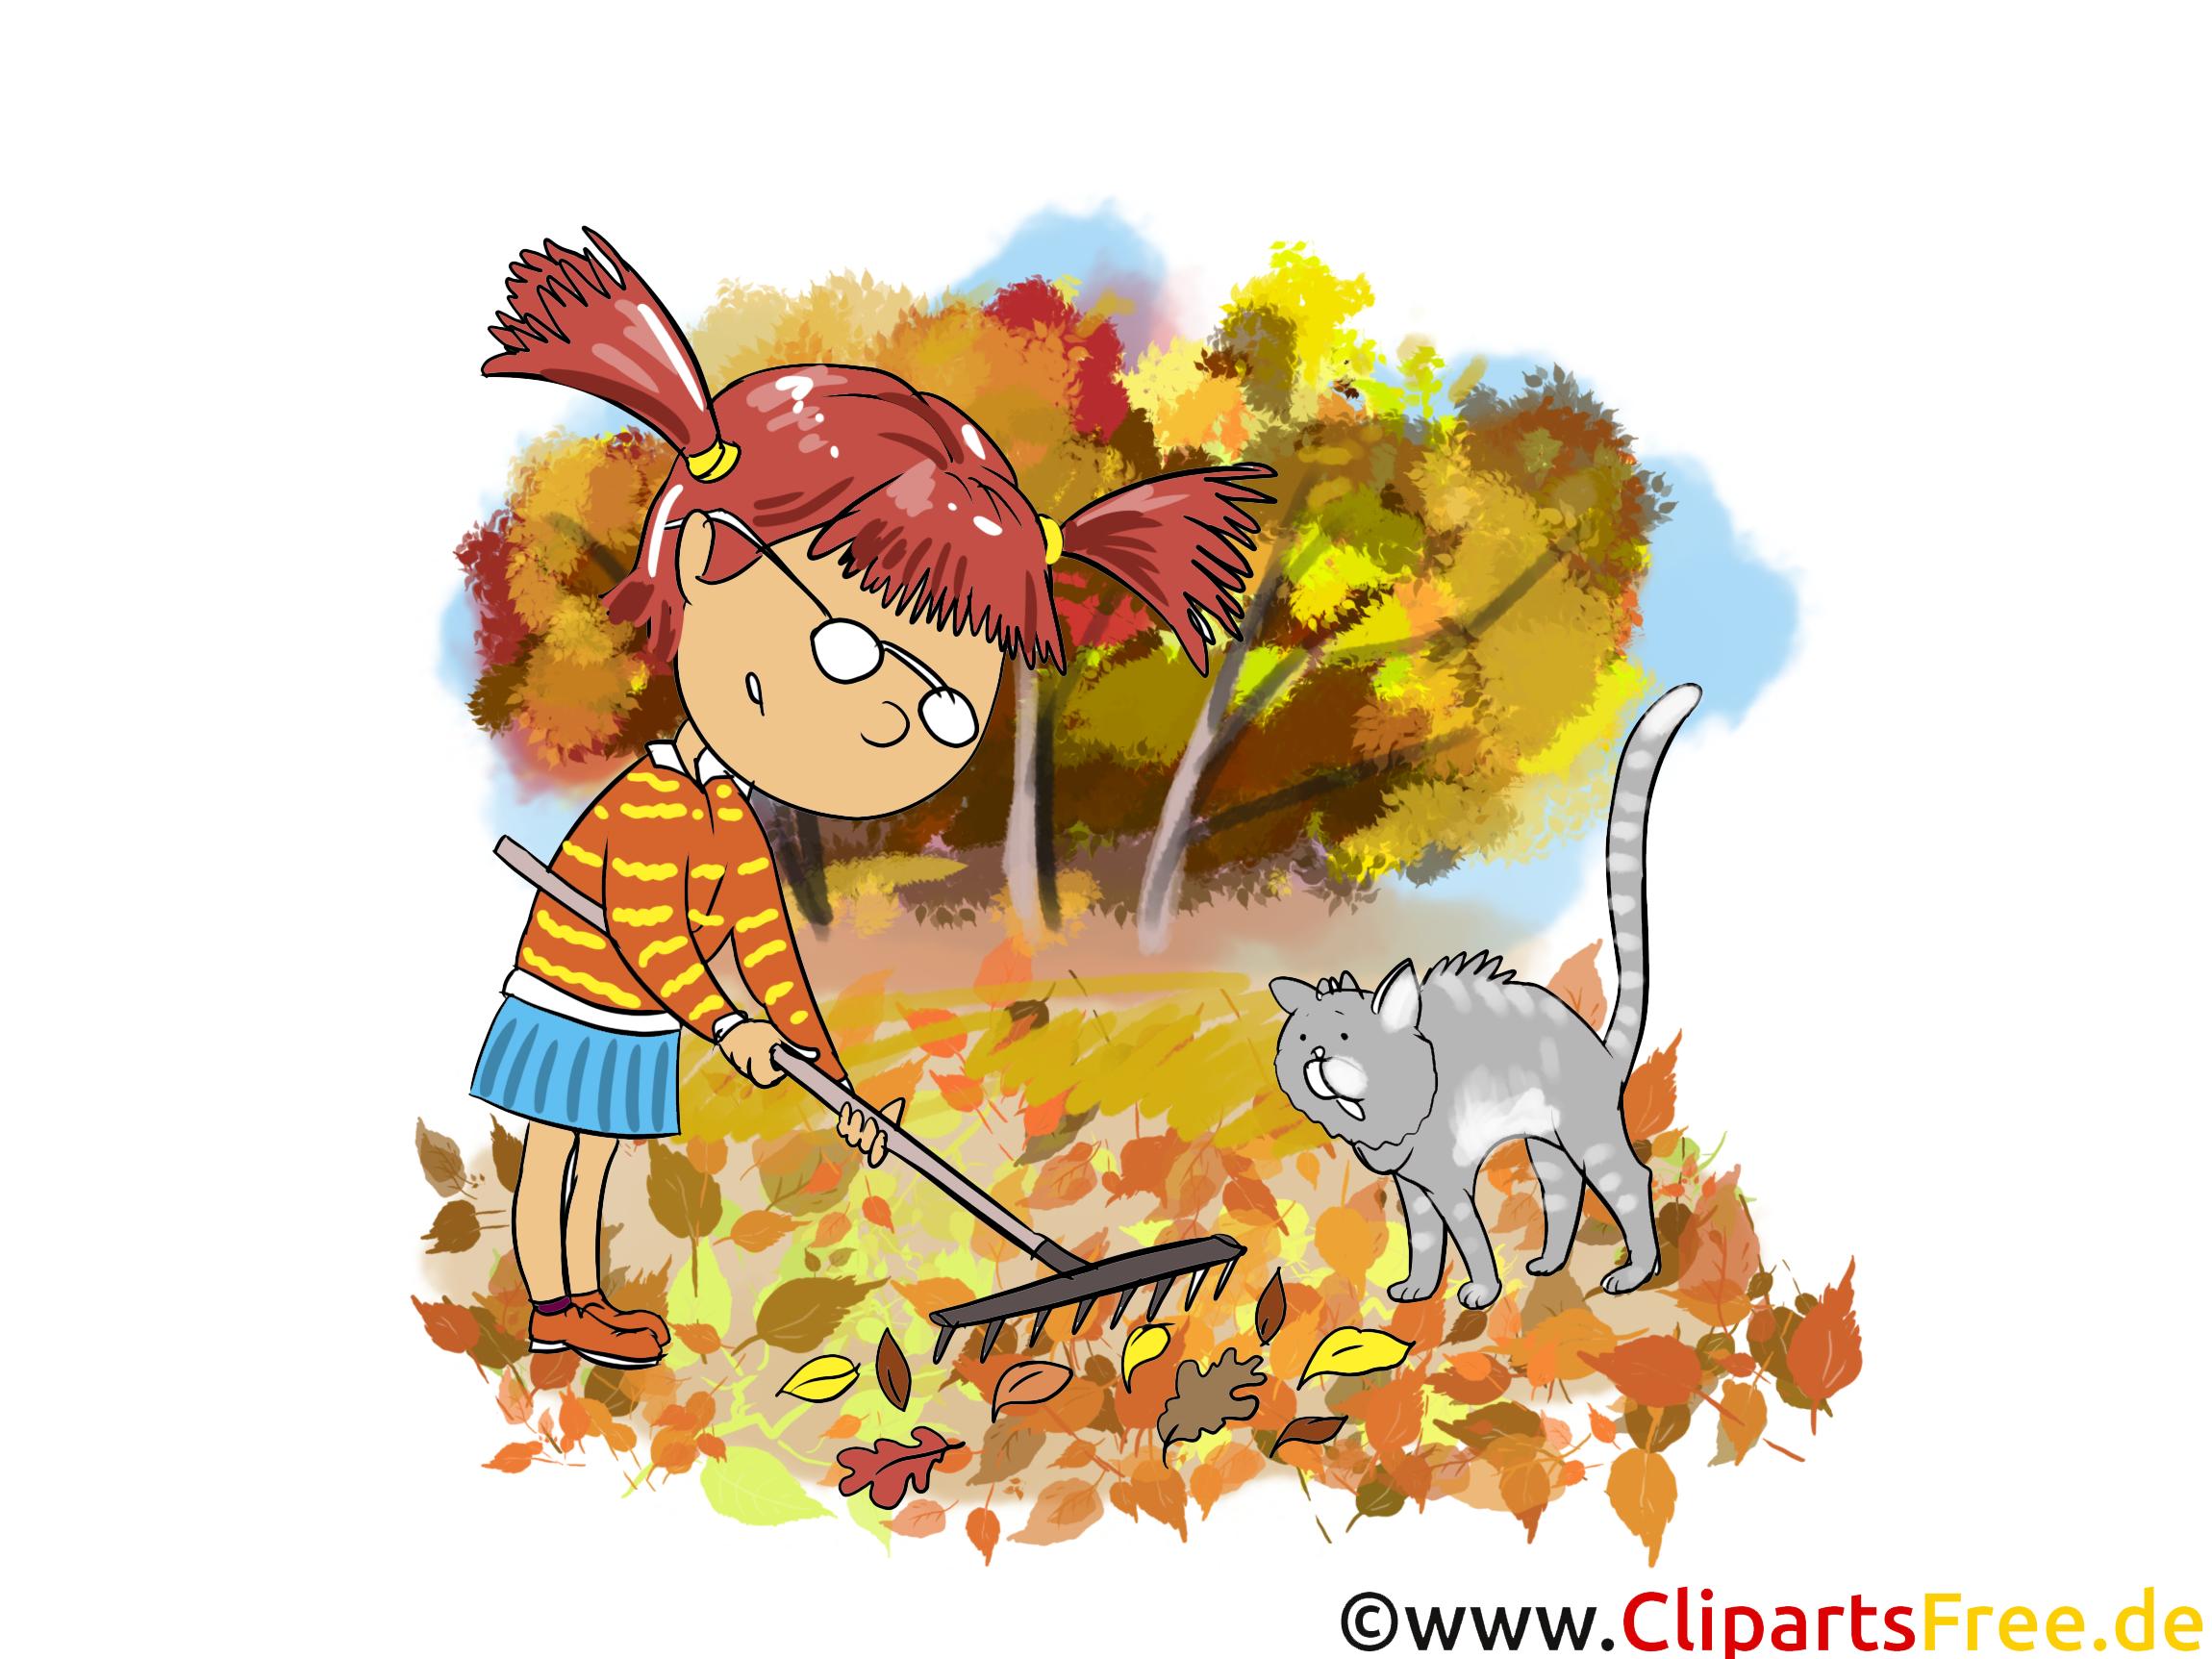 Bilder kostenlos runterladen zum Thema Herbst